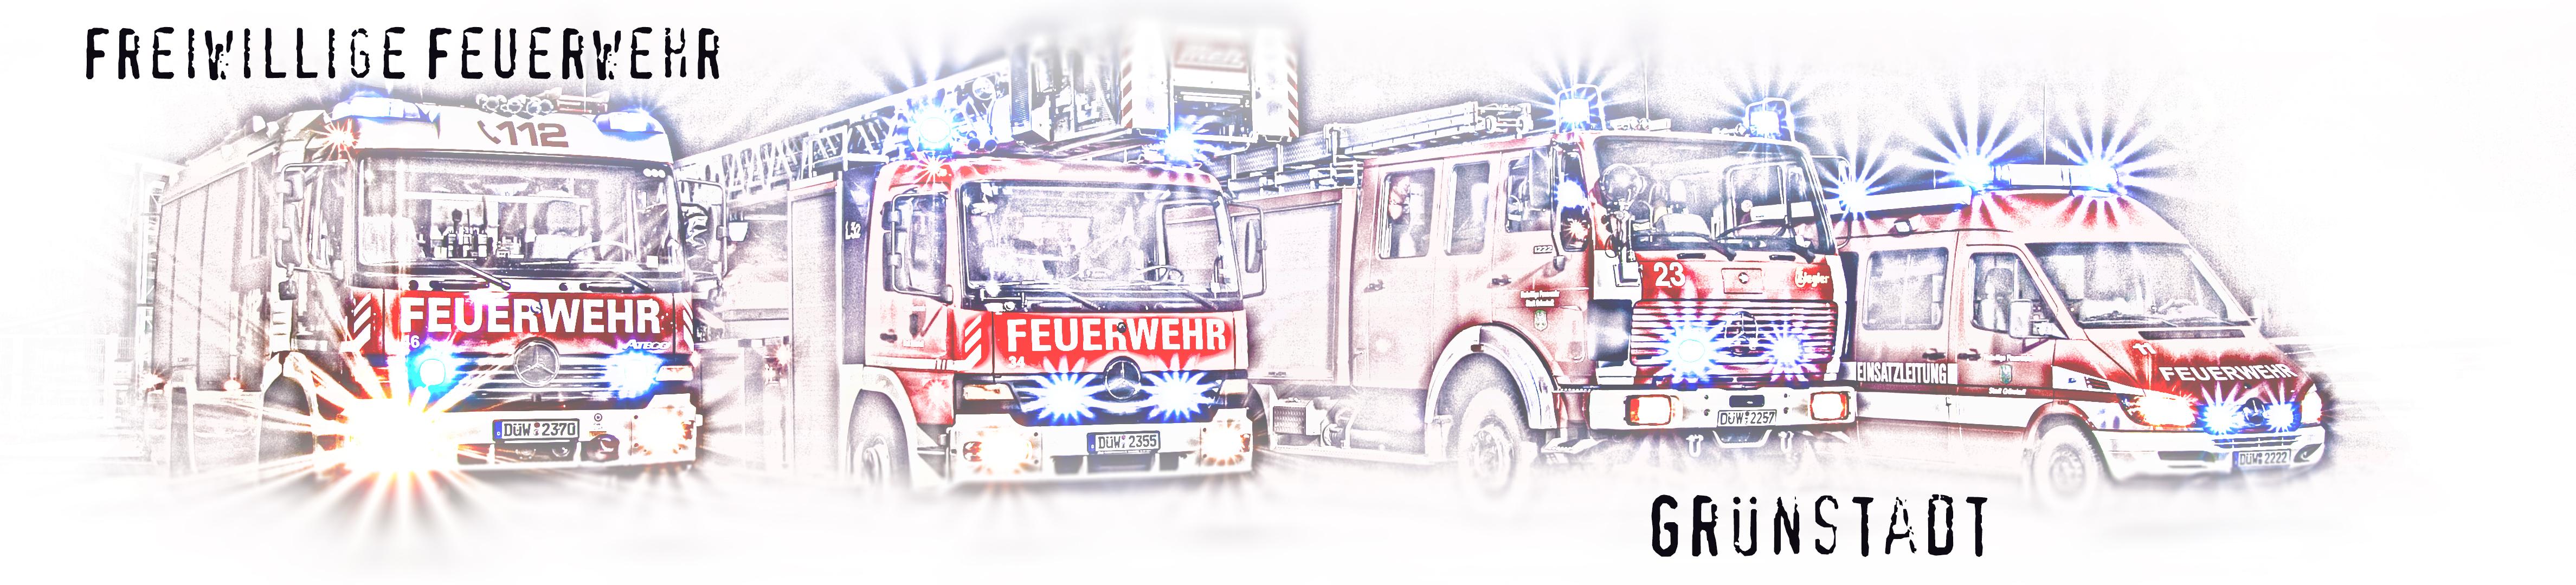 Freiwillige Feuerwehr Grünstadt